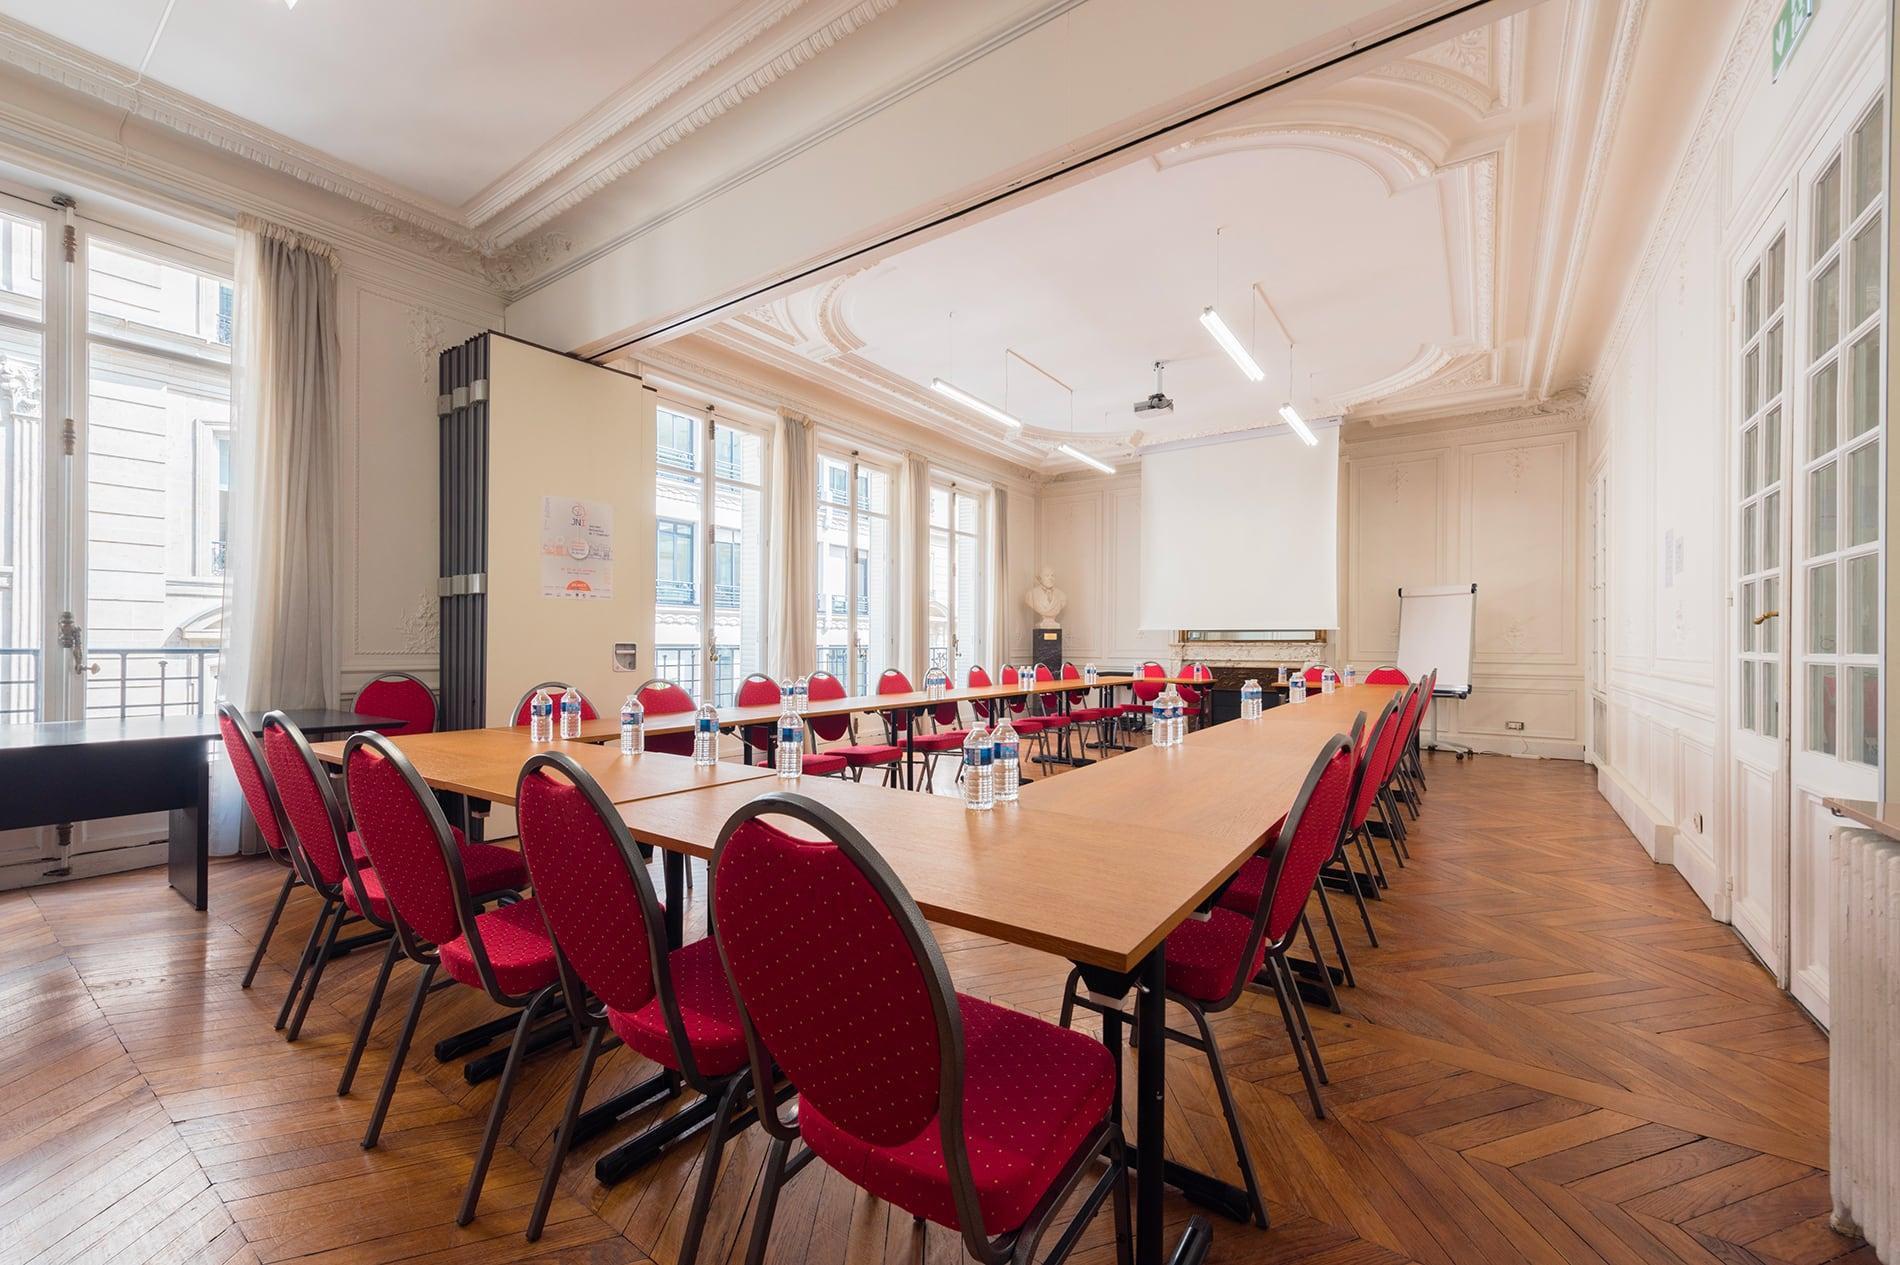 Louez une salle de réunion à Paris avec Easy Réunion